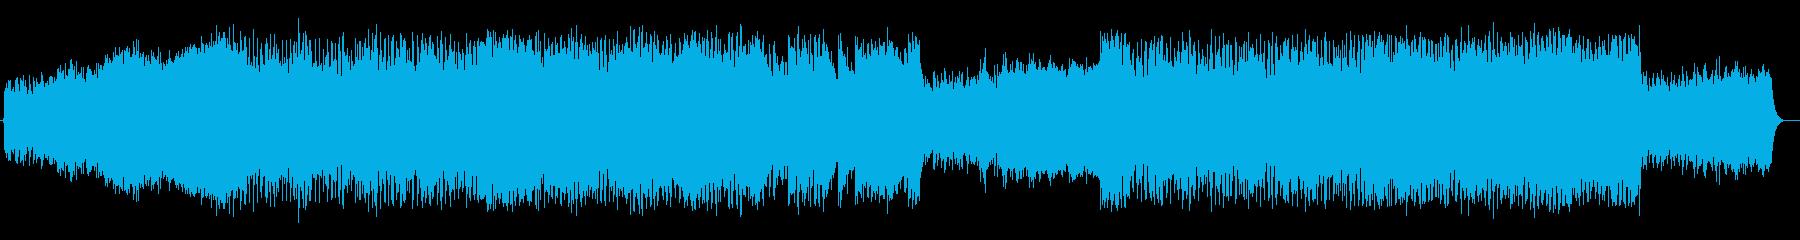 緩やかでしなやかなエレキサウンドの再生済みの波形